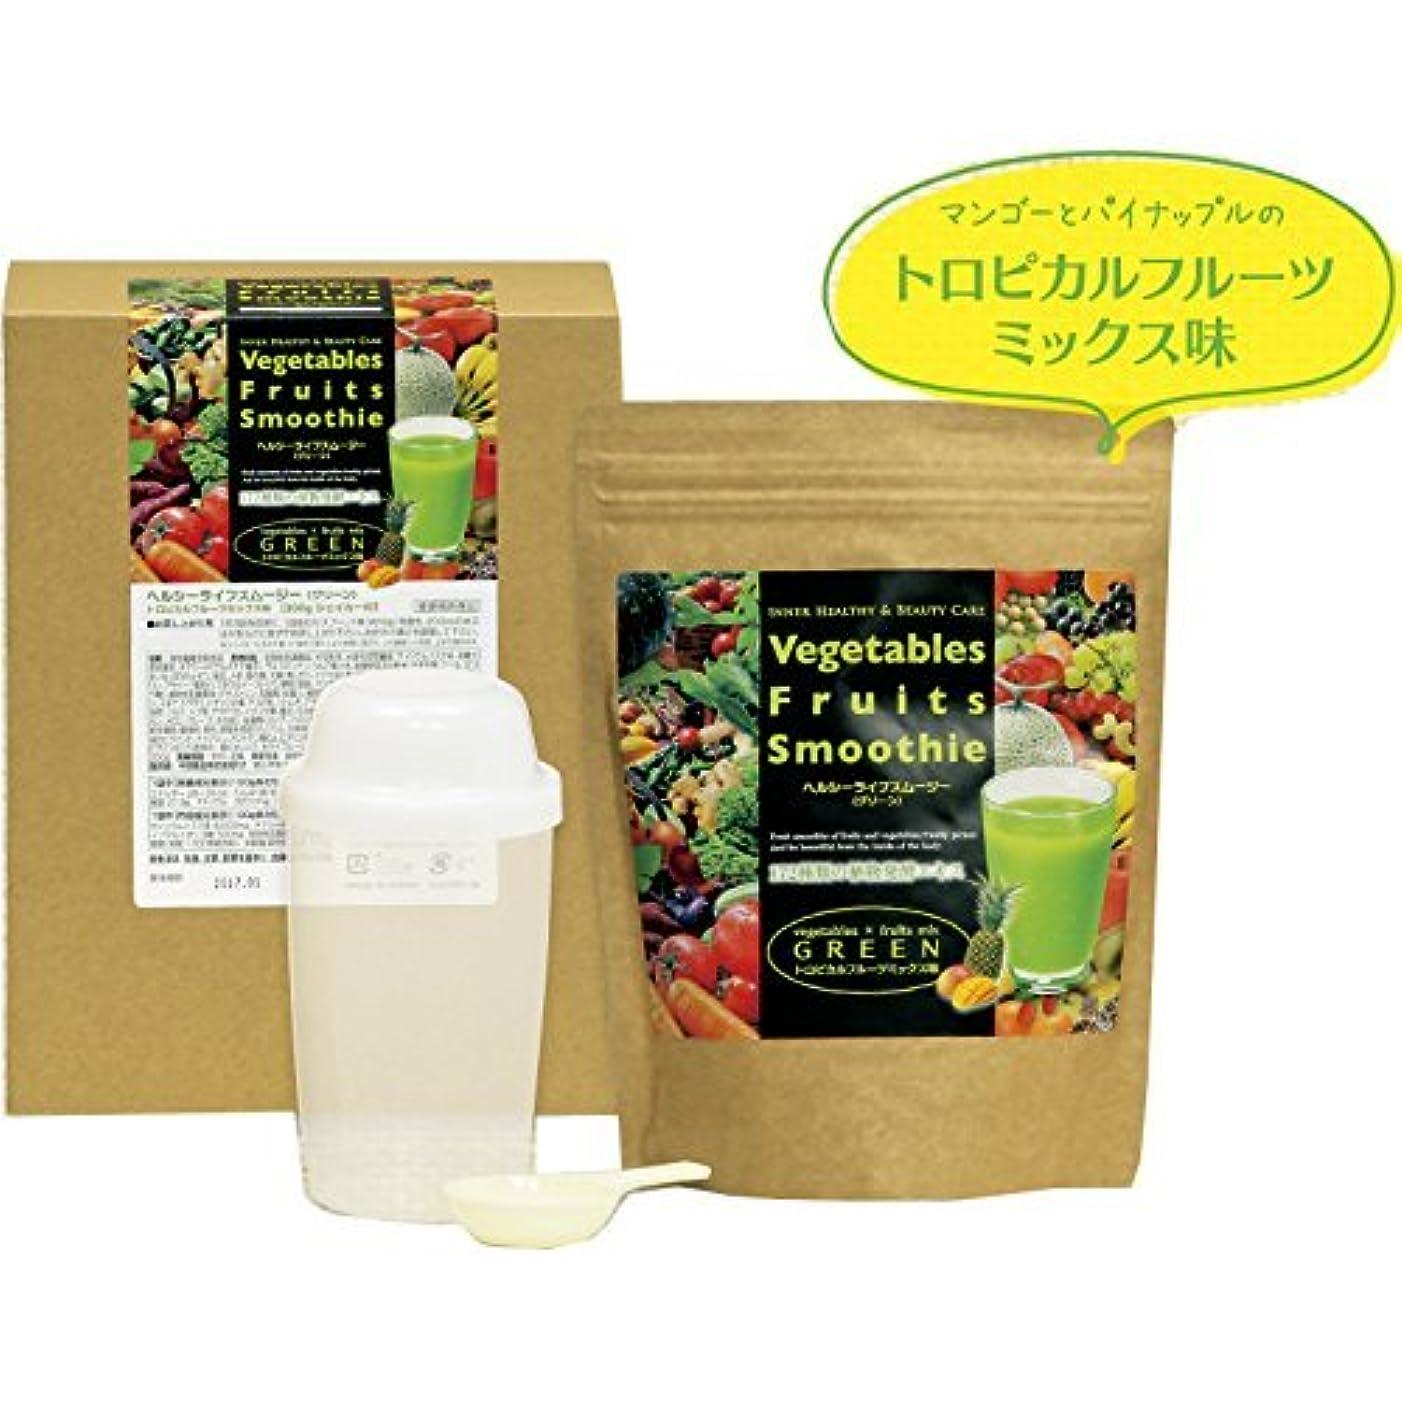 することになっているスキニーフレームワークVegetables Fruits Smoothie ヘルシーライフスムージー(グリーン)トロピカルフルーツミックス味(300g シェイカー付) 日本製